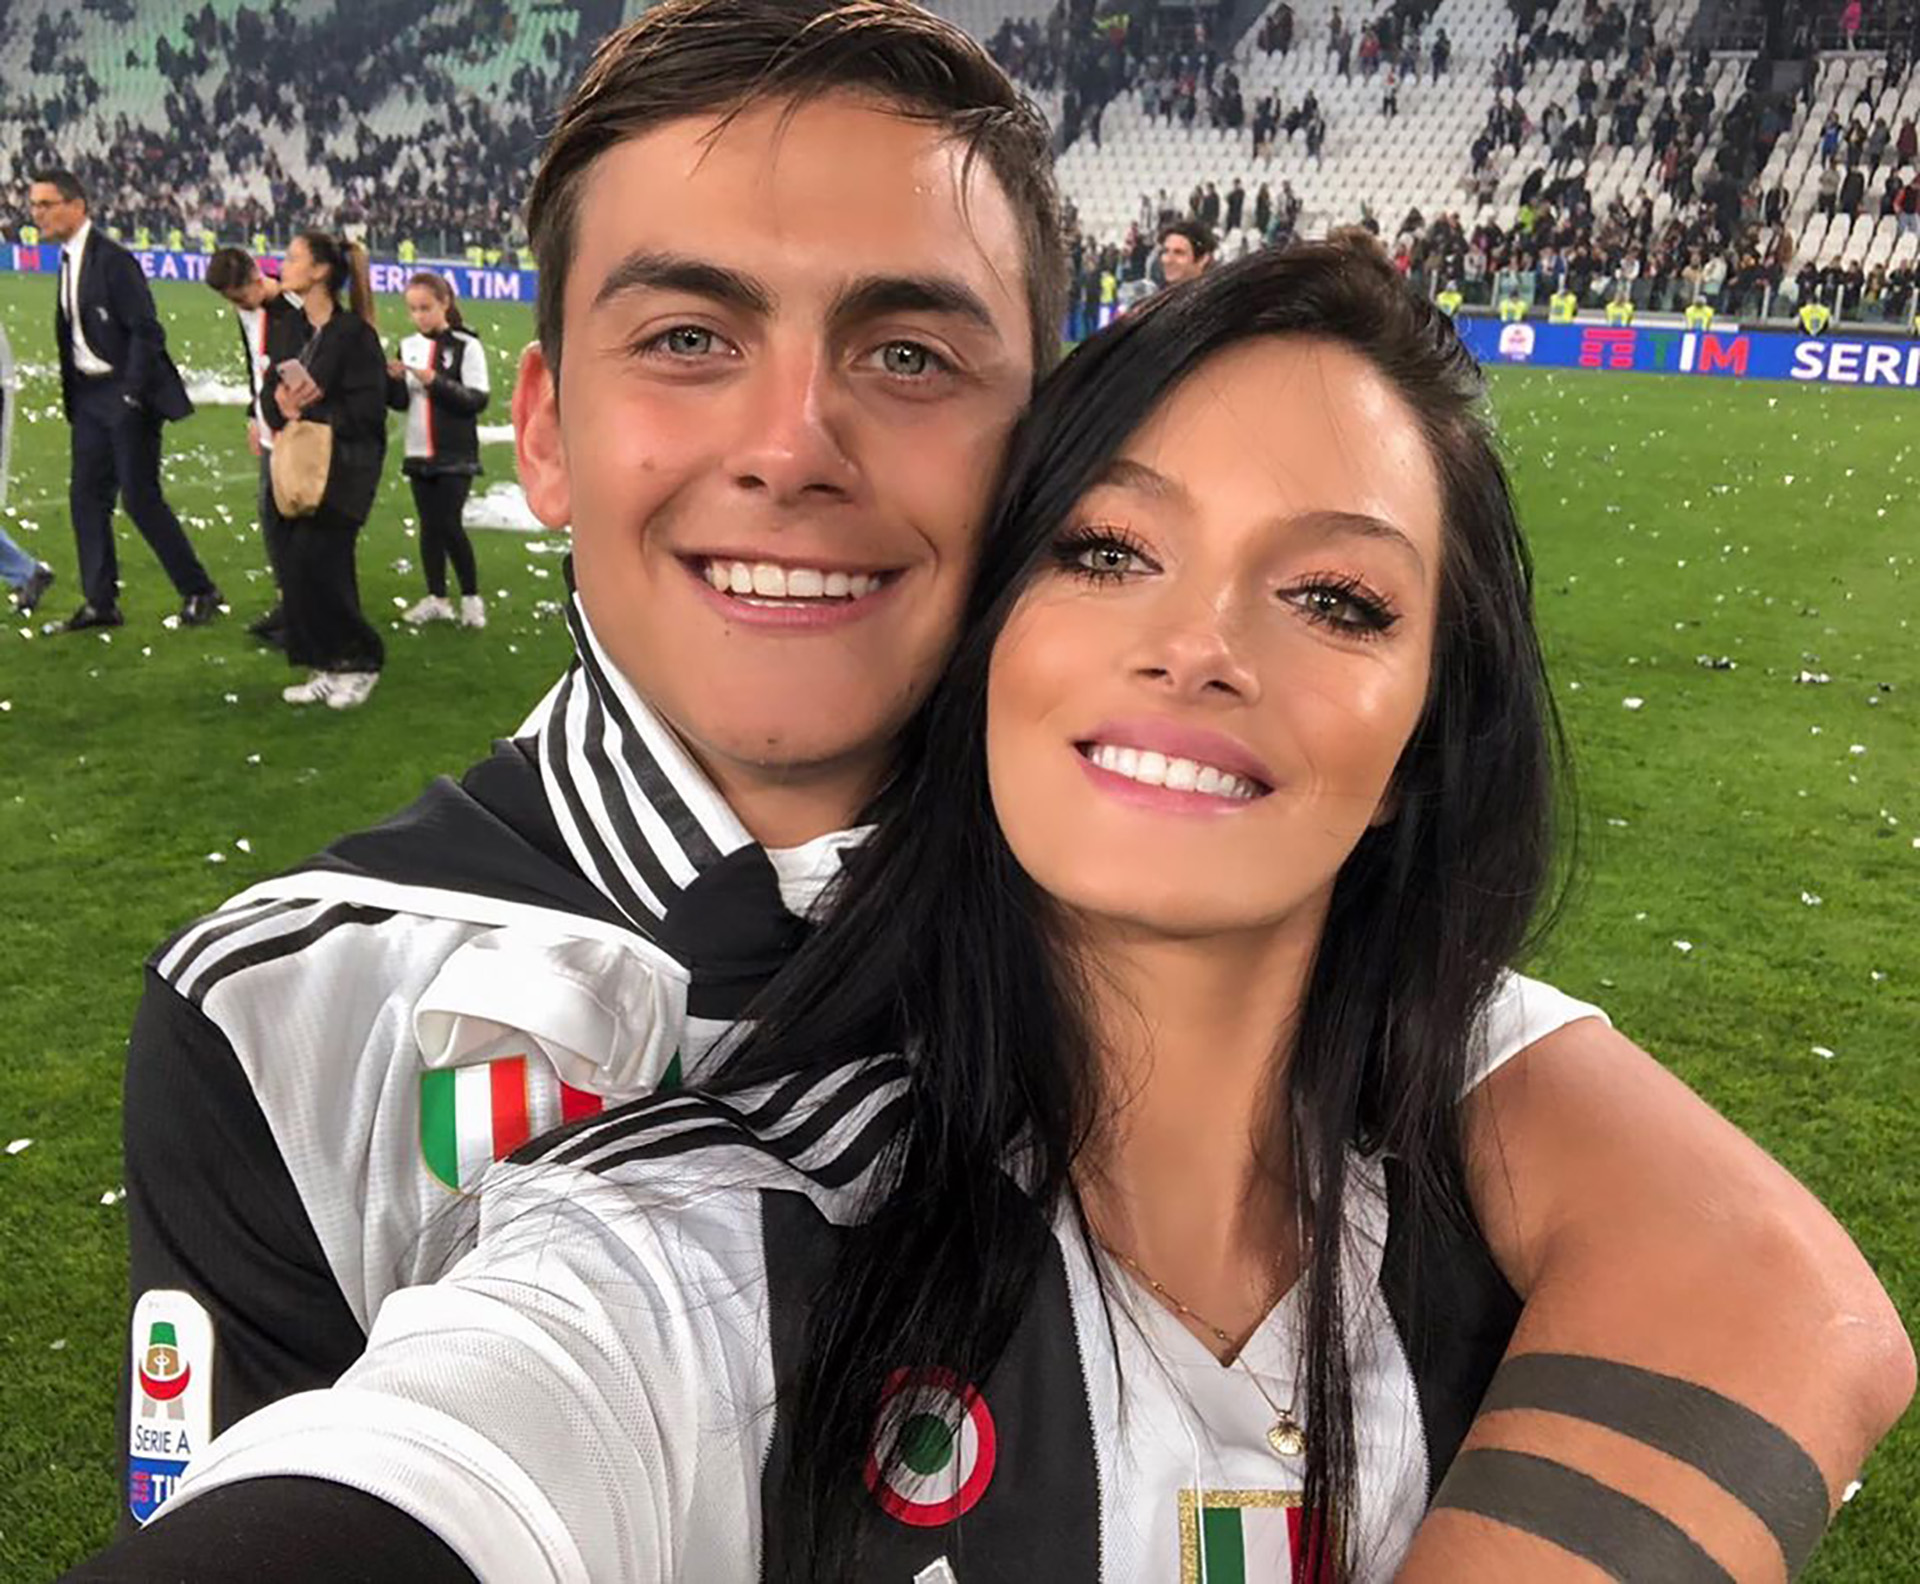 Oriana Sabatini, muy enamorada, acompañó a Paulo Dybala en los festejos del nuevo scudetto de la Juventus (Foto: Instagram)